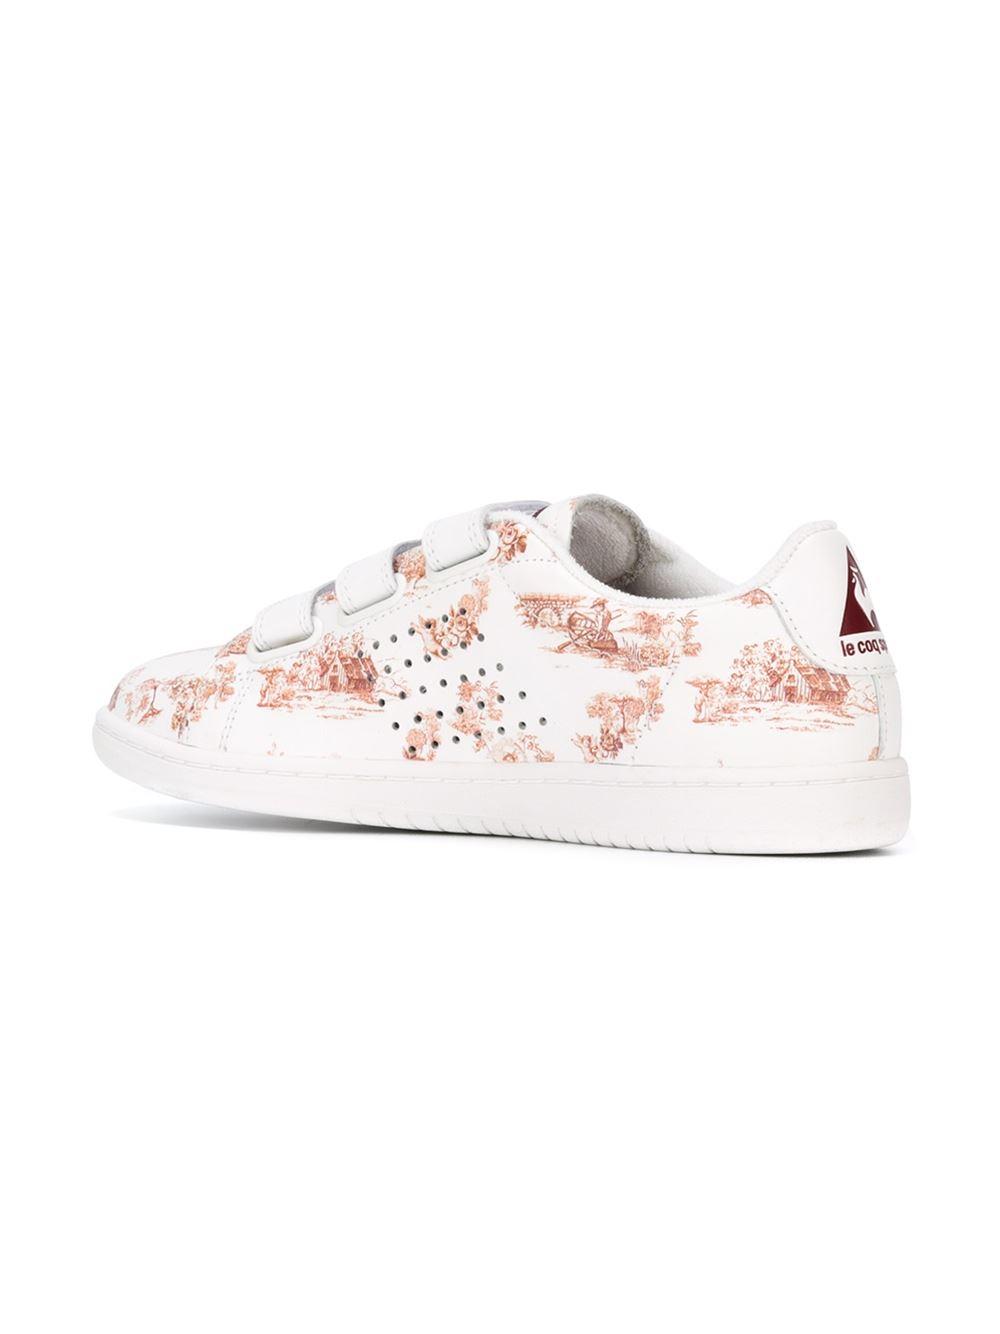 le coq sportif arthur ashe sneakers in white lyst